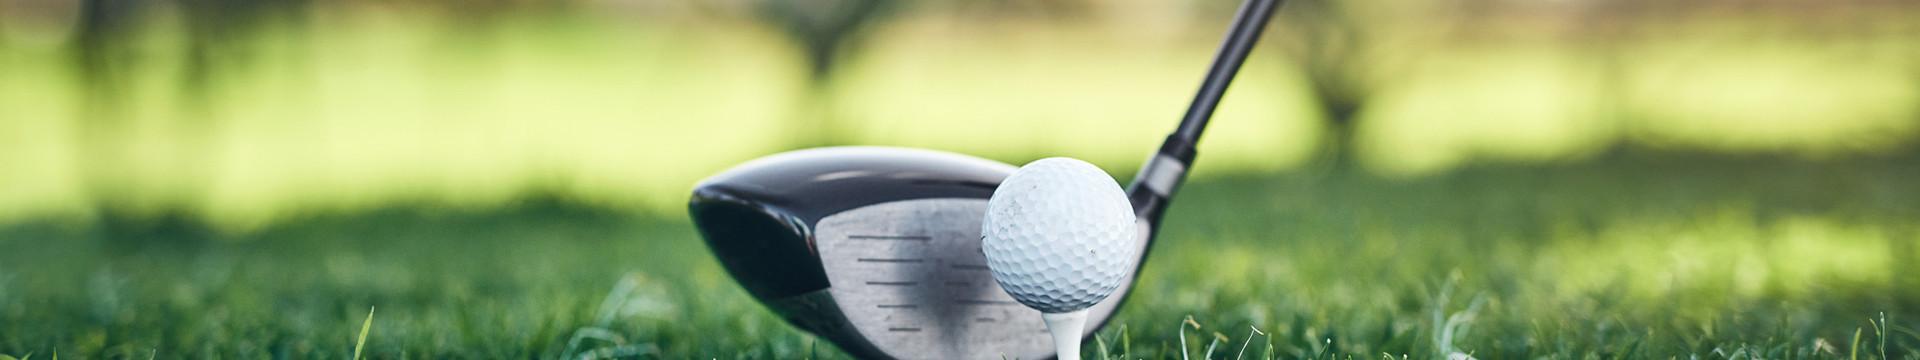 Spring Swings Las Vegas Golf Package For Two